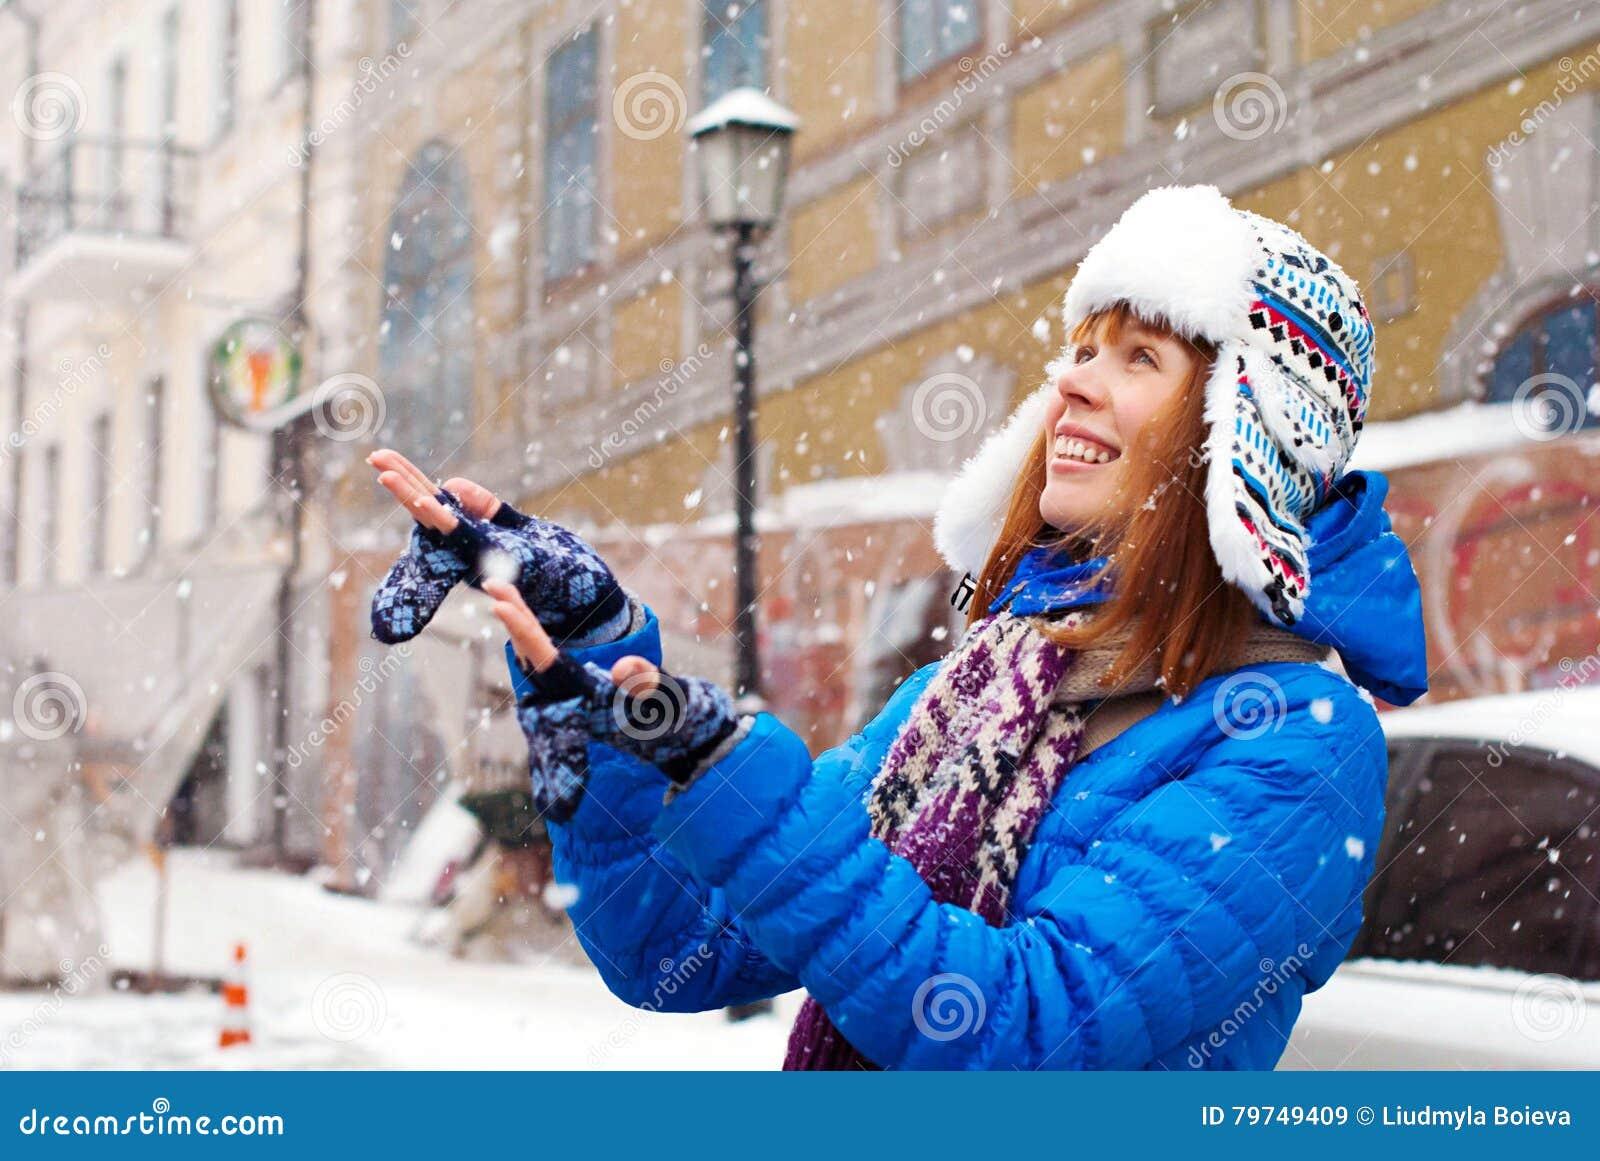 La muchacha elegante joven disfruta la primera nieve Nieve en la ciudad Dejáis le nevar Captura de la chica joven la nieve con su